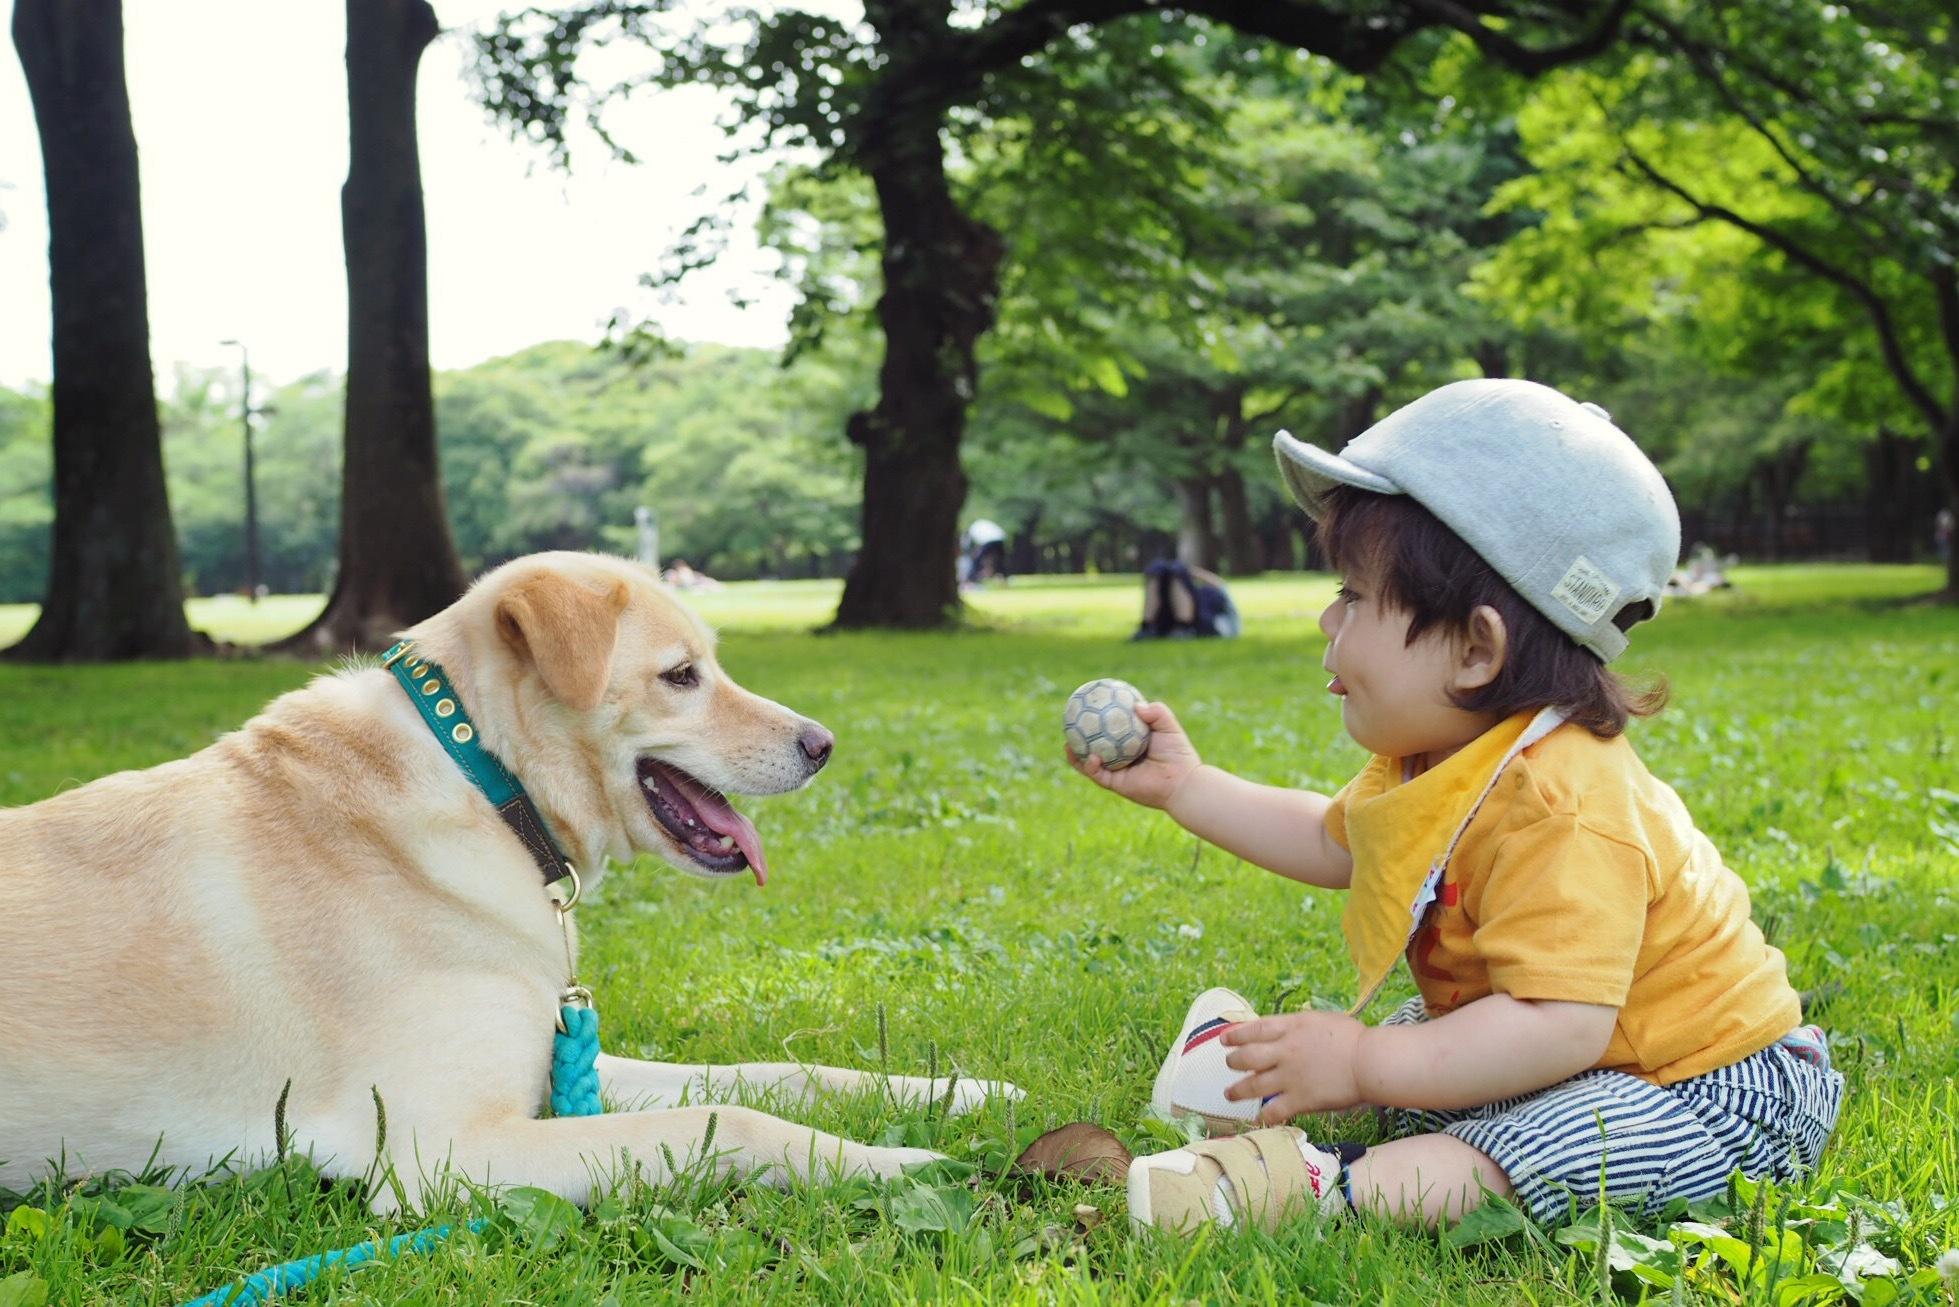 赤ちゃんと犬 赤ちゃんと大型犬 仲良し画像 癒し